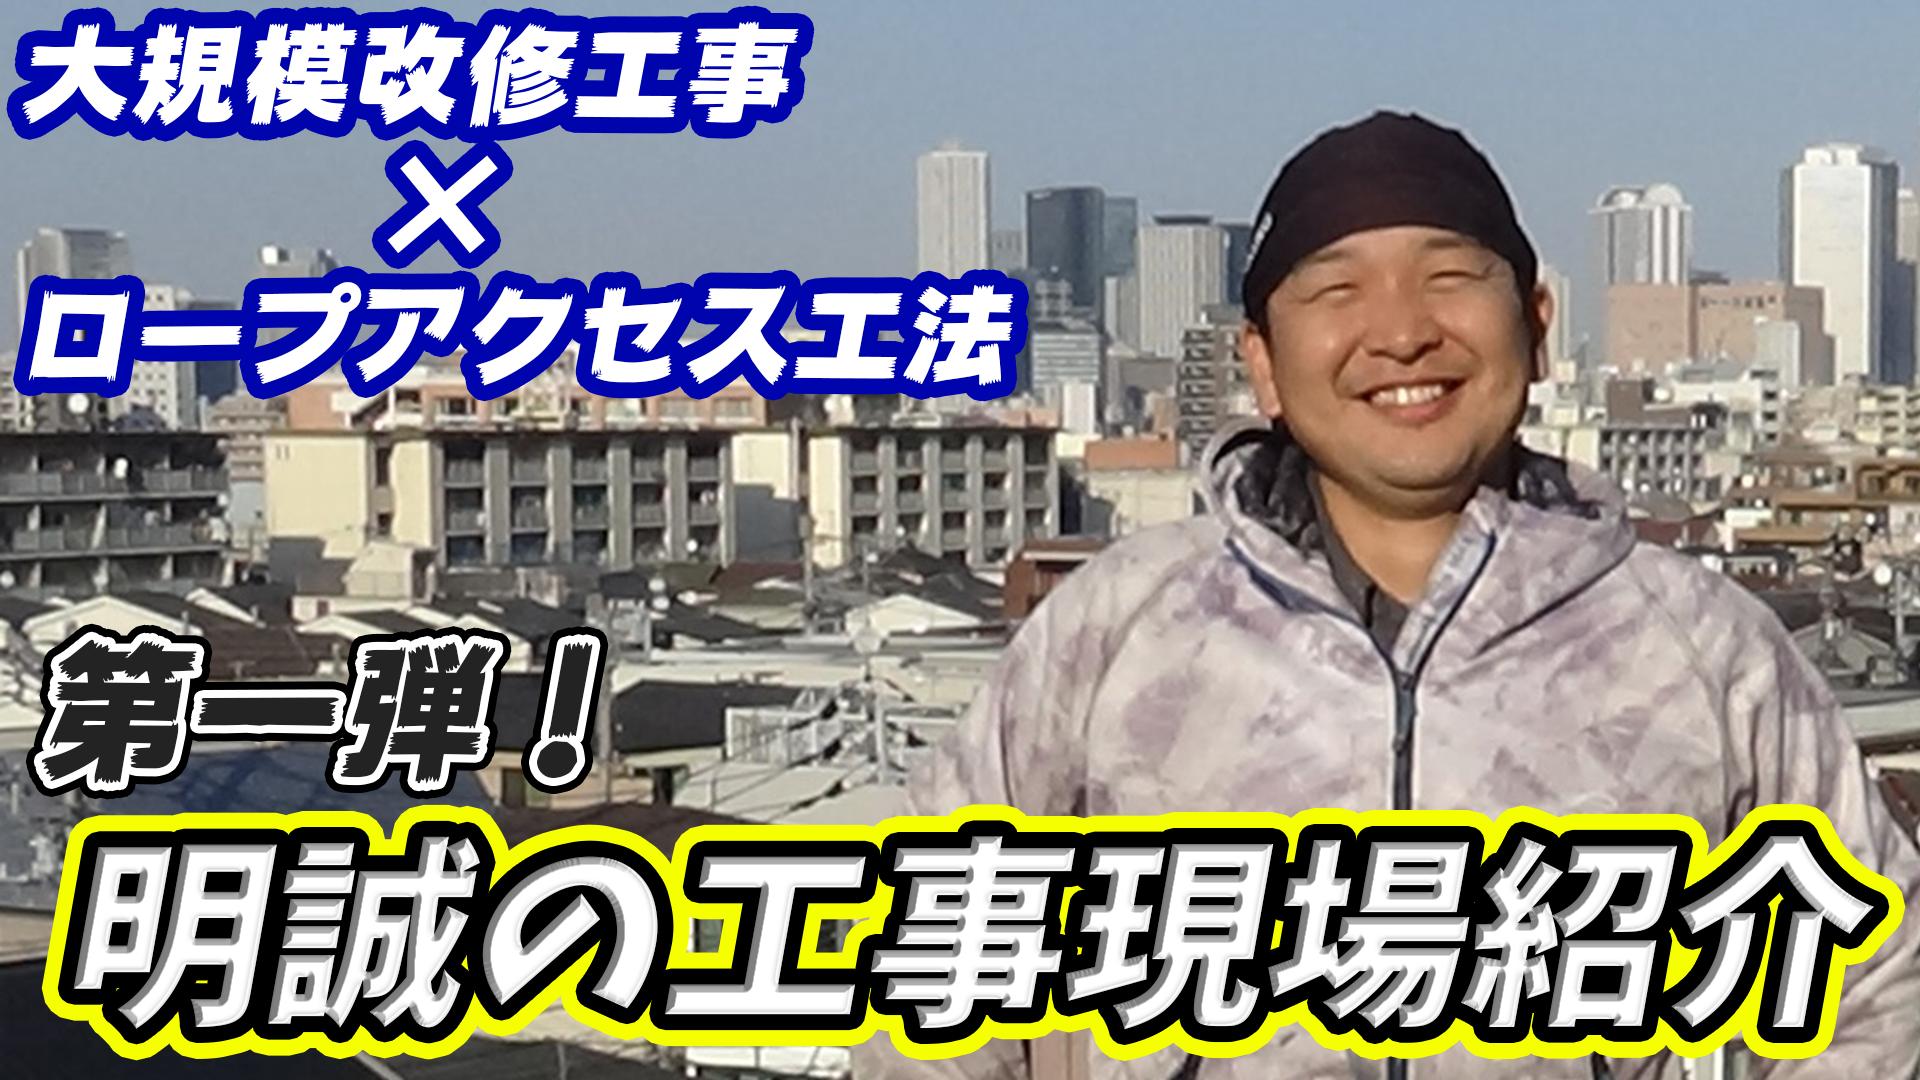 株式会社明誠のYouTubeをアップロードしました!